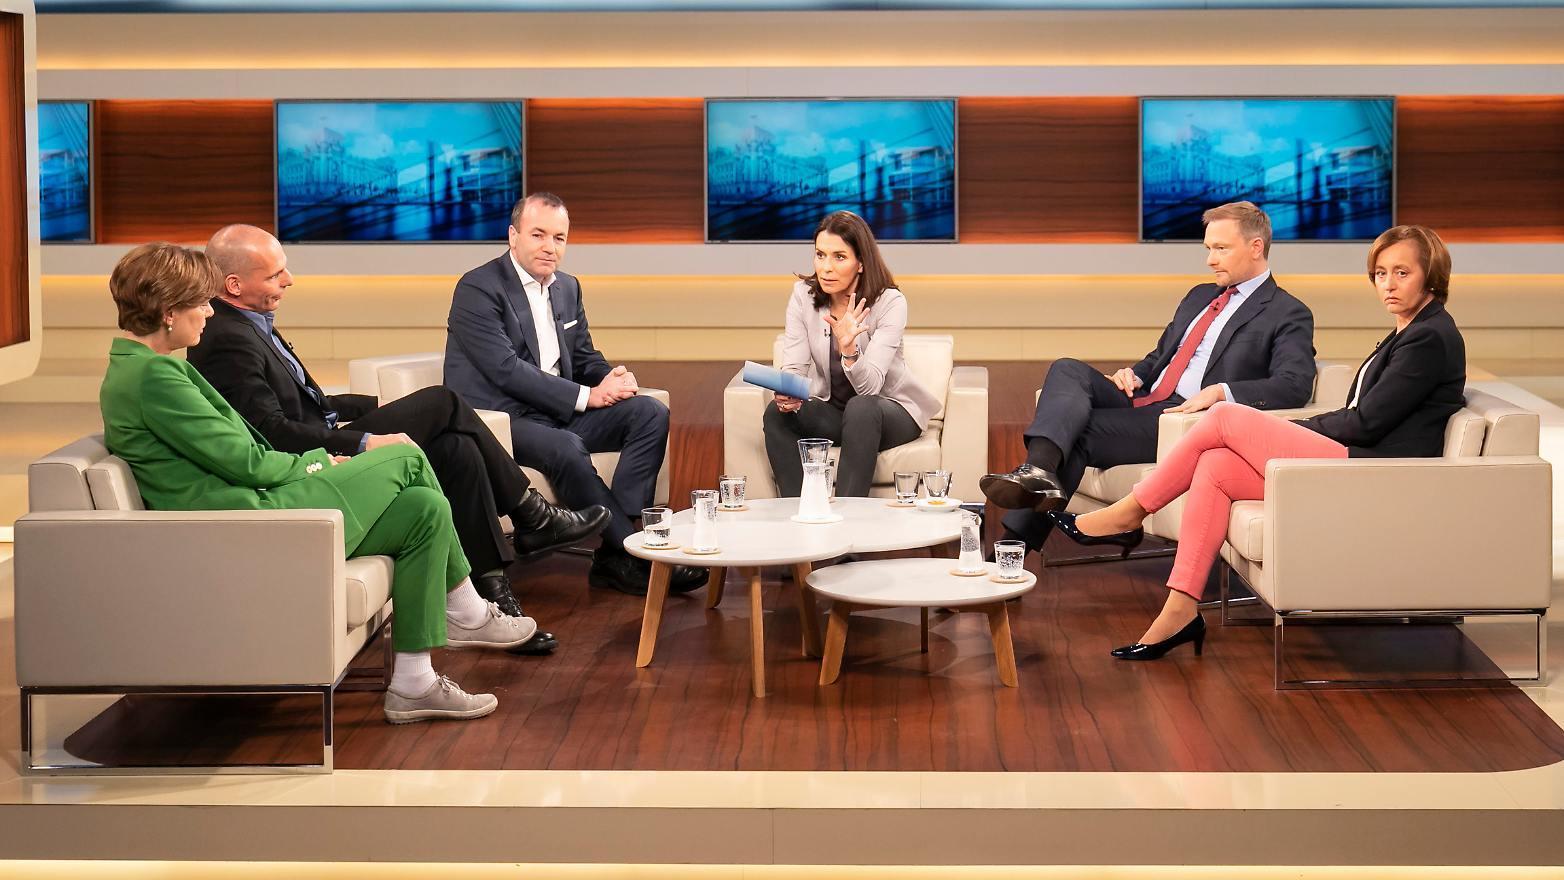 Nach Macrons Appell wollte Anne Will von ihren Gästen wissen, ob sich die EU-Bürger bei der Europawahl Ende Mai für ein stärkeres Europa entscheiden.